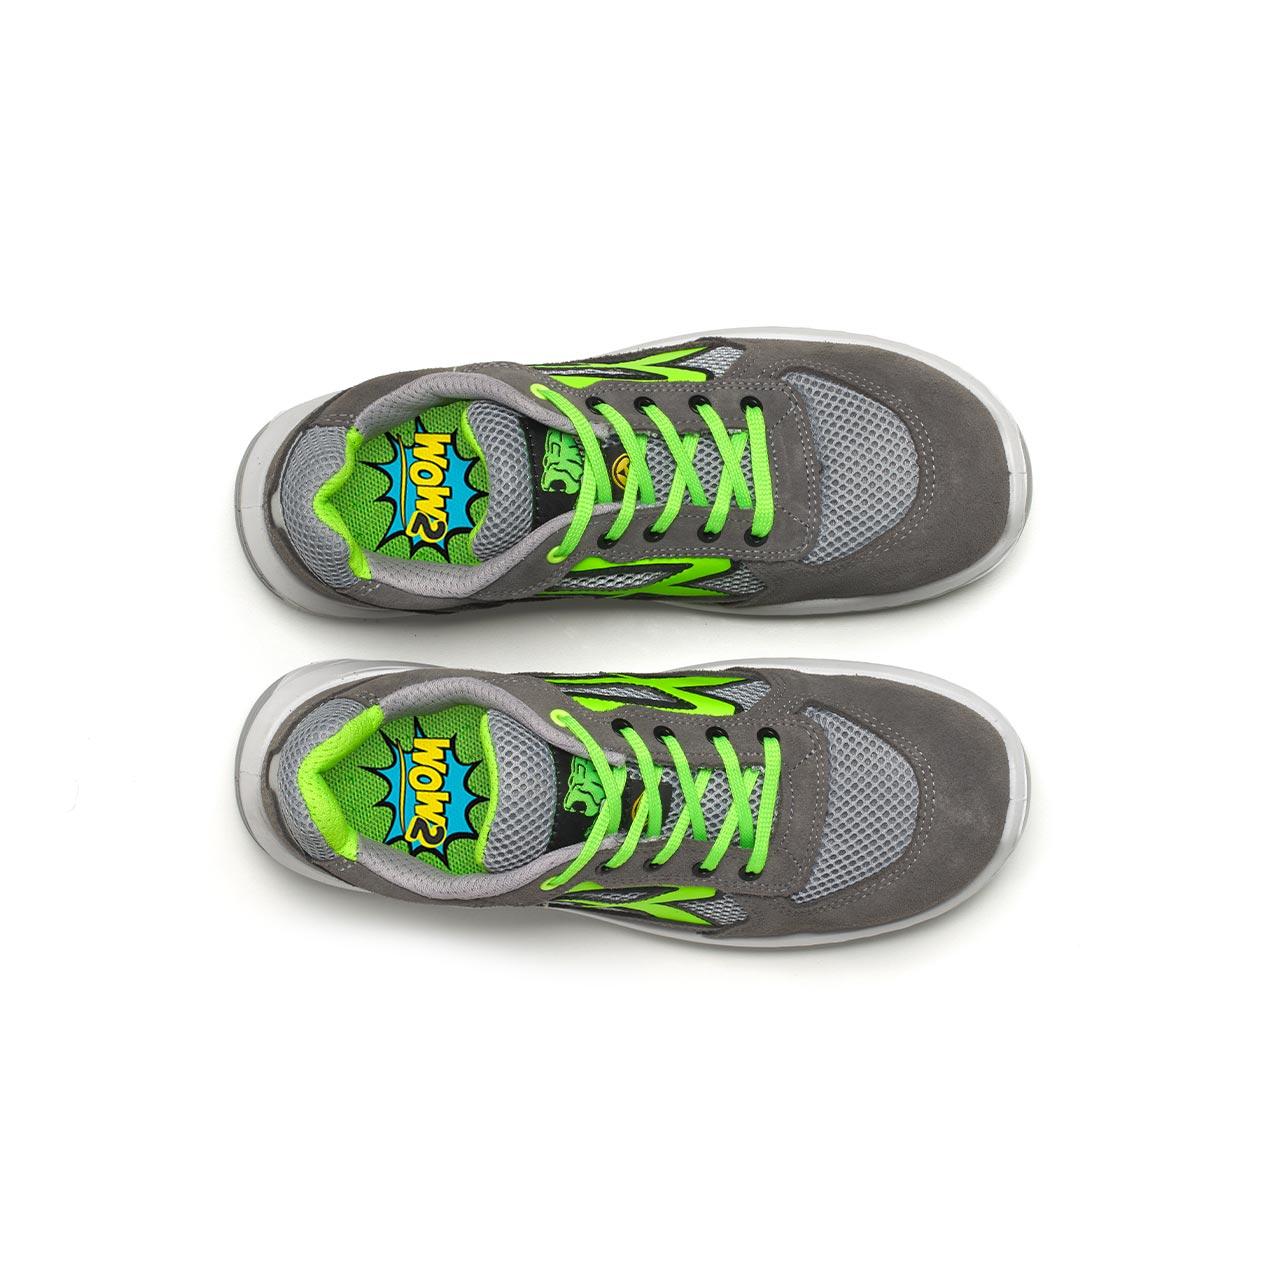 paio di scarpe antinfortunistiche upower modello rio linea redindustry vista top